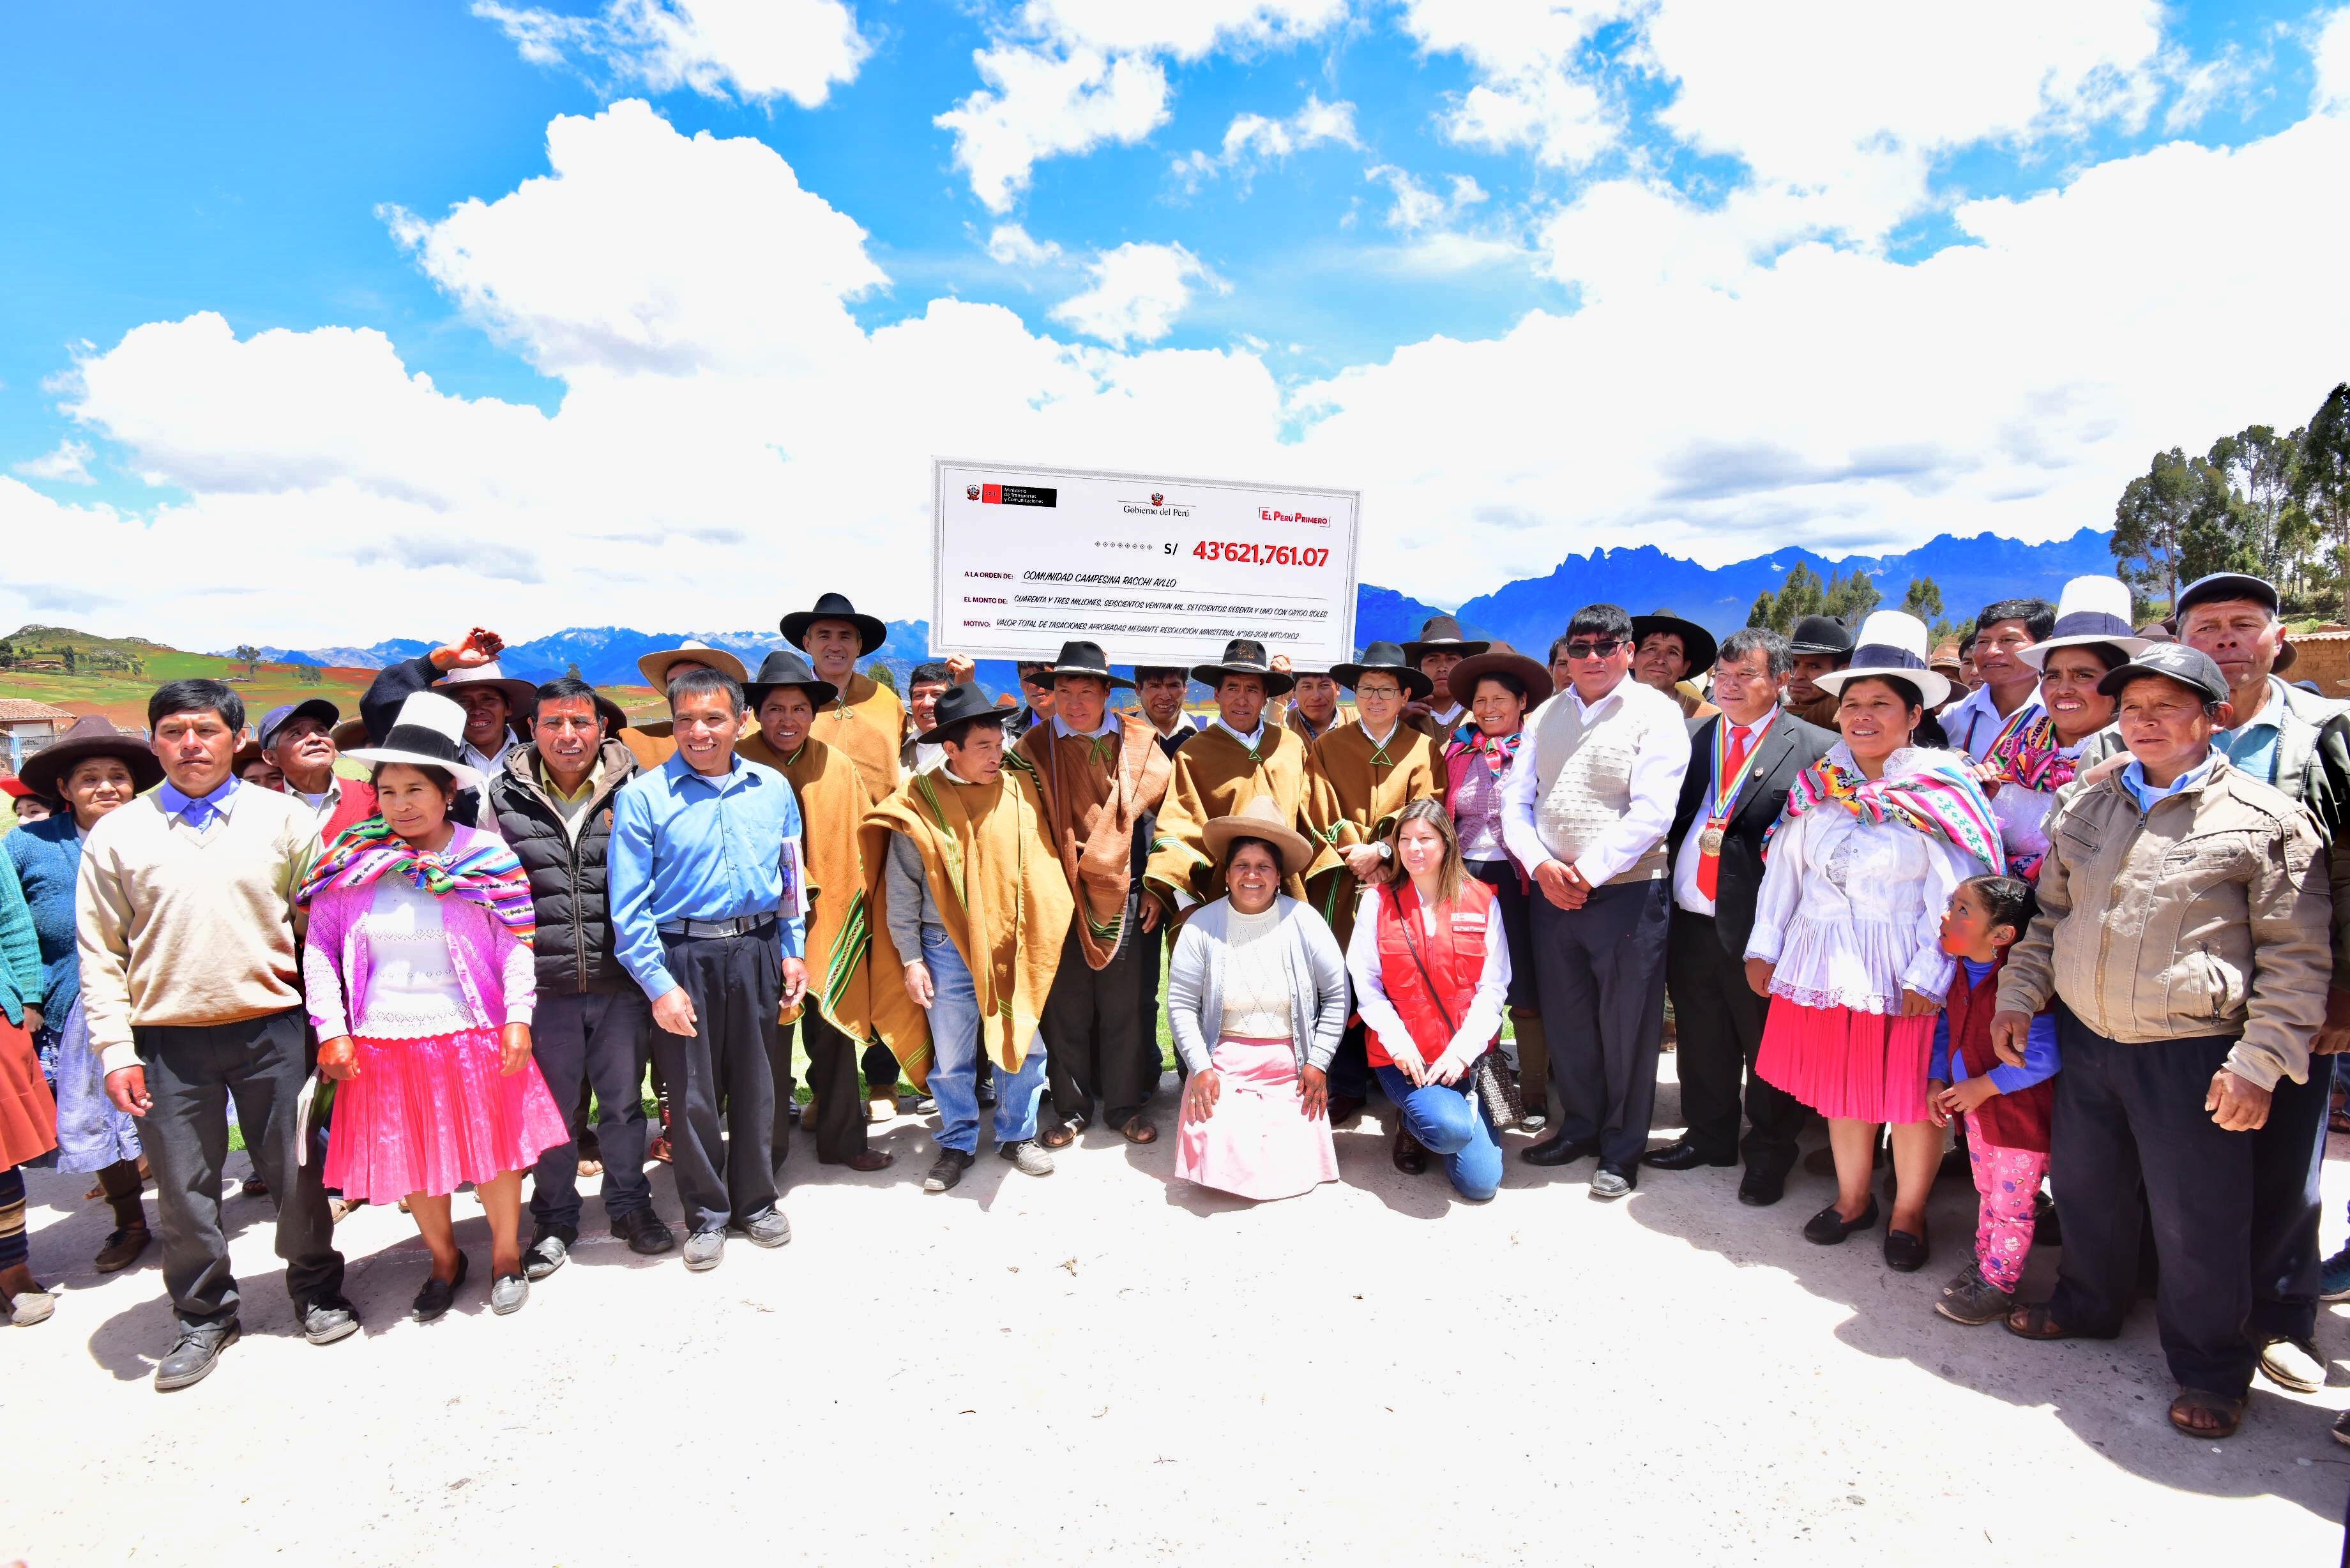 MTC suscribe contrato para el movimiento inicial de tierras para el aeropuerto internacional de Chinchero en Cusco